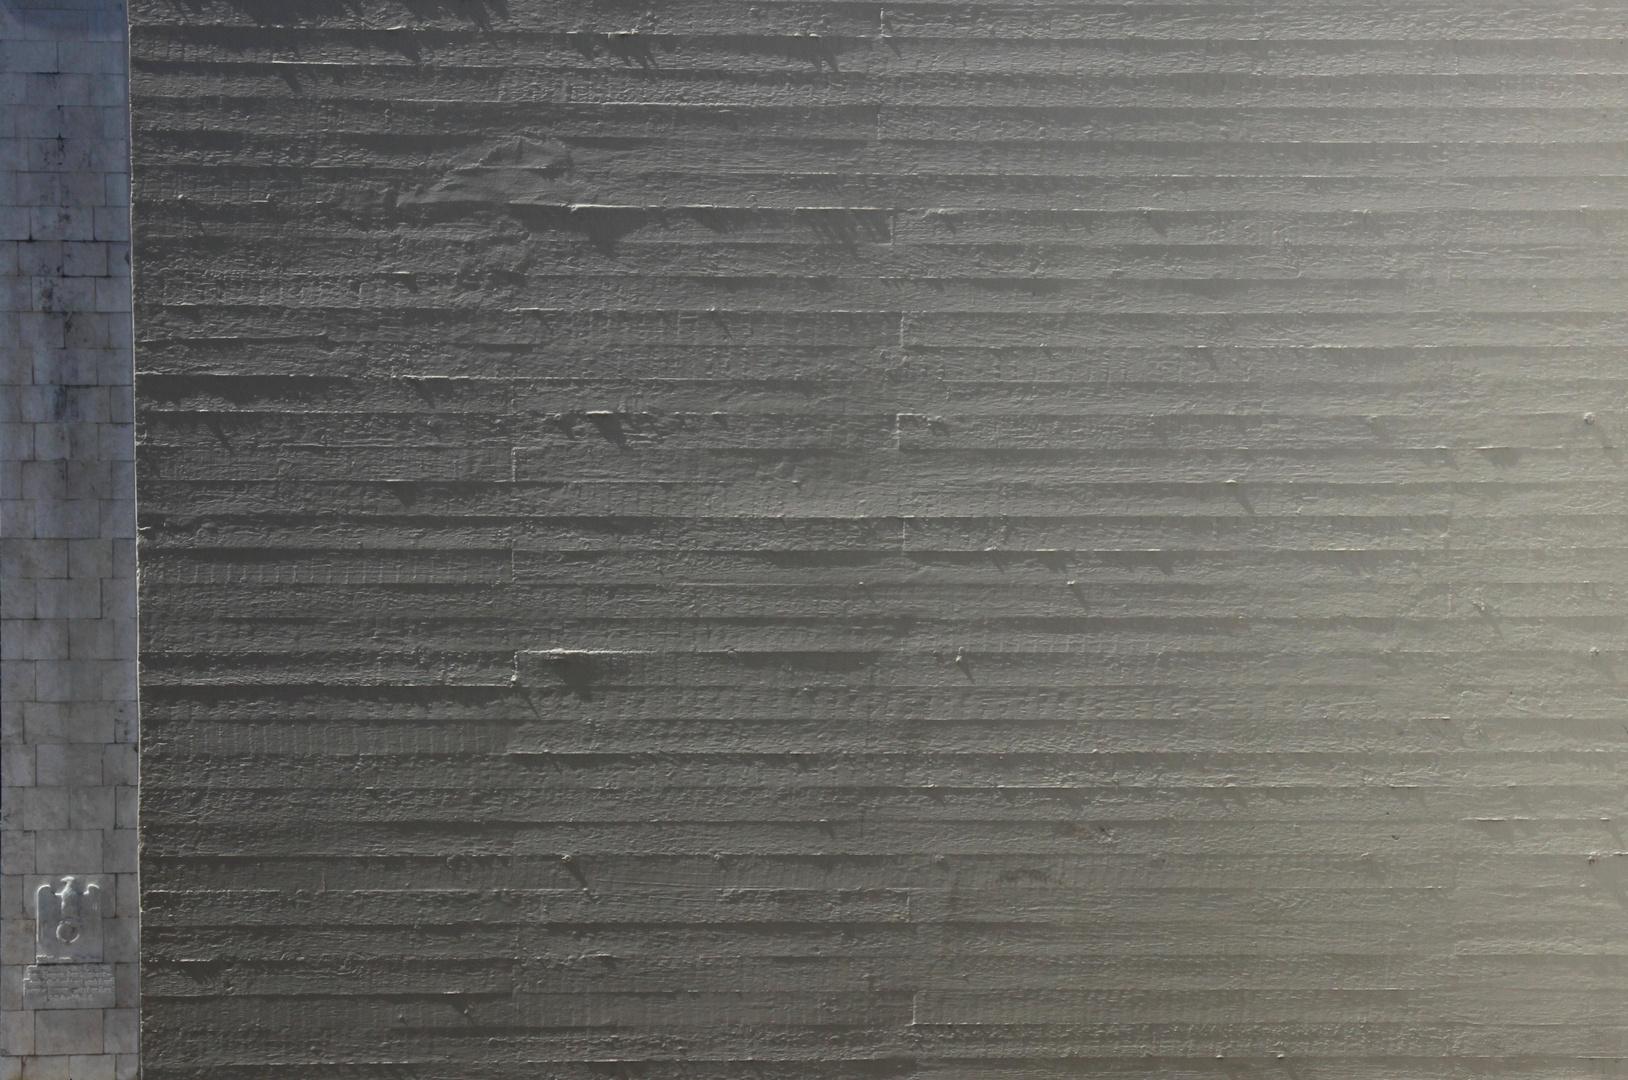 betonwand mit reichsadler foto bild abstraktes. Black Bedroom Furniture Sets. Home Design Ideas